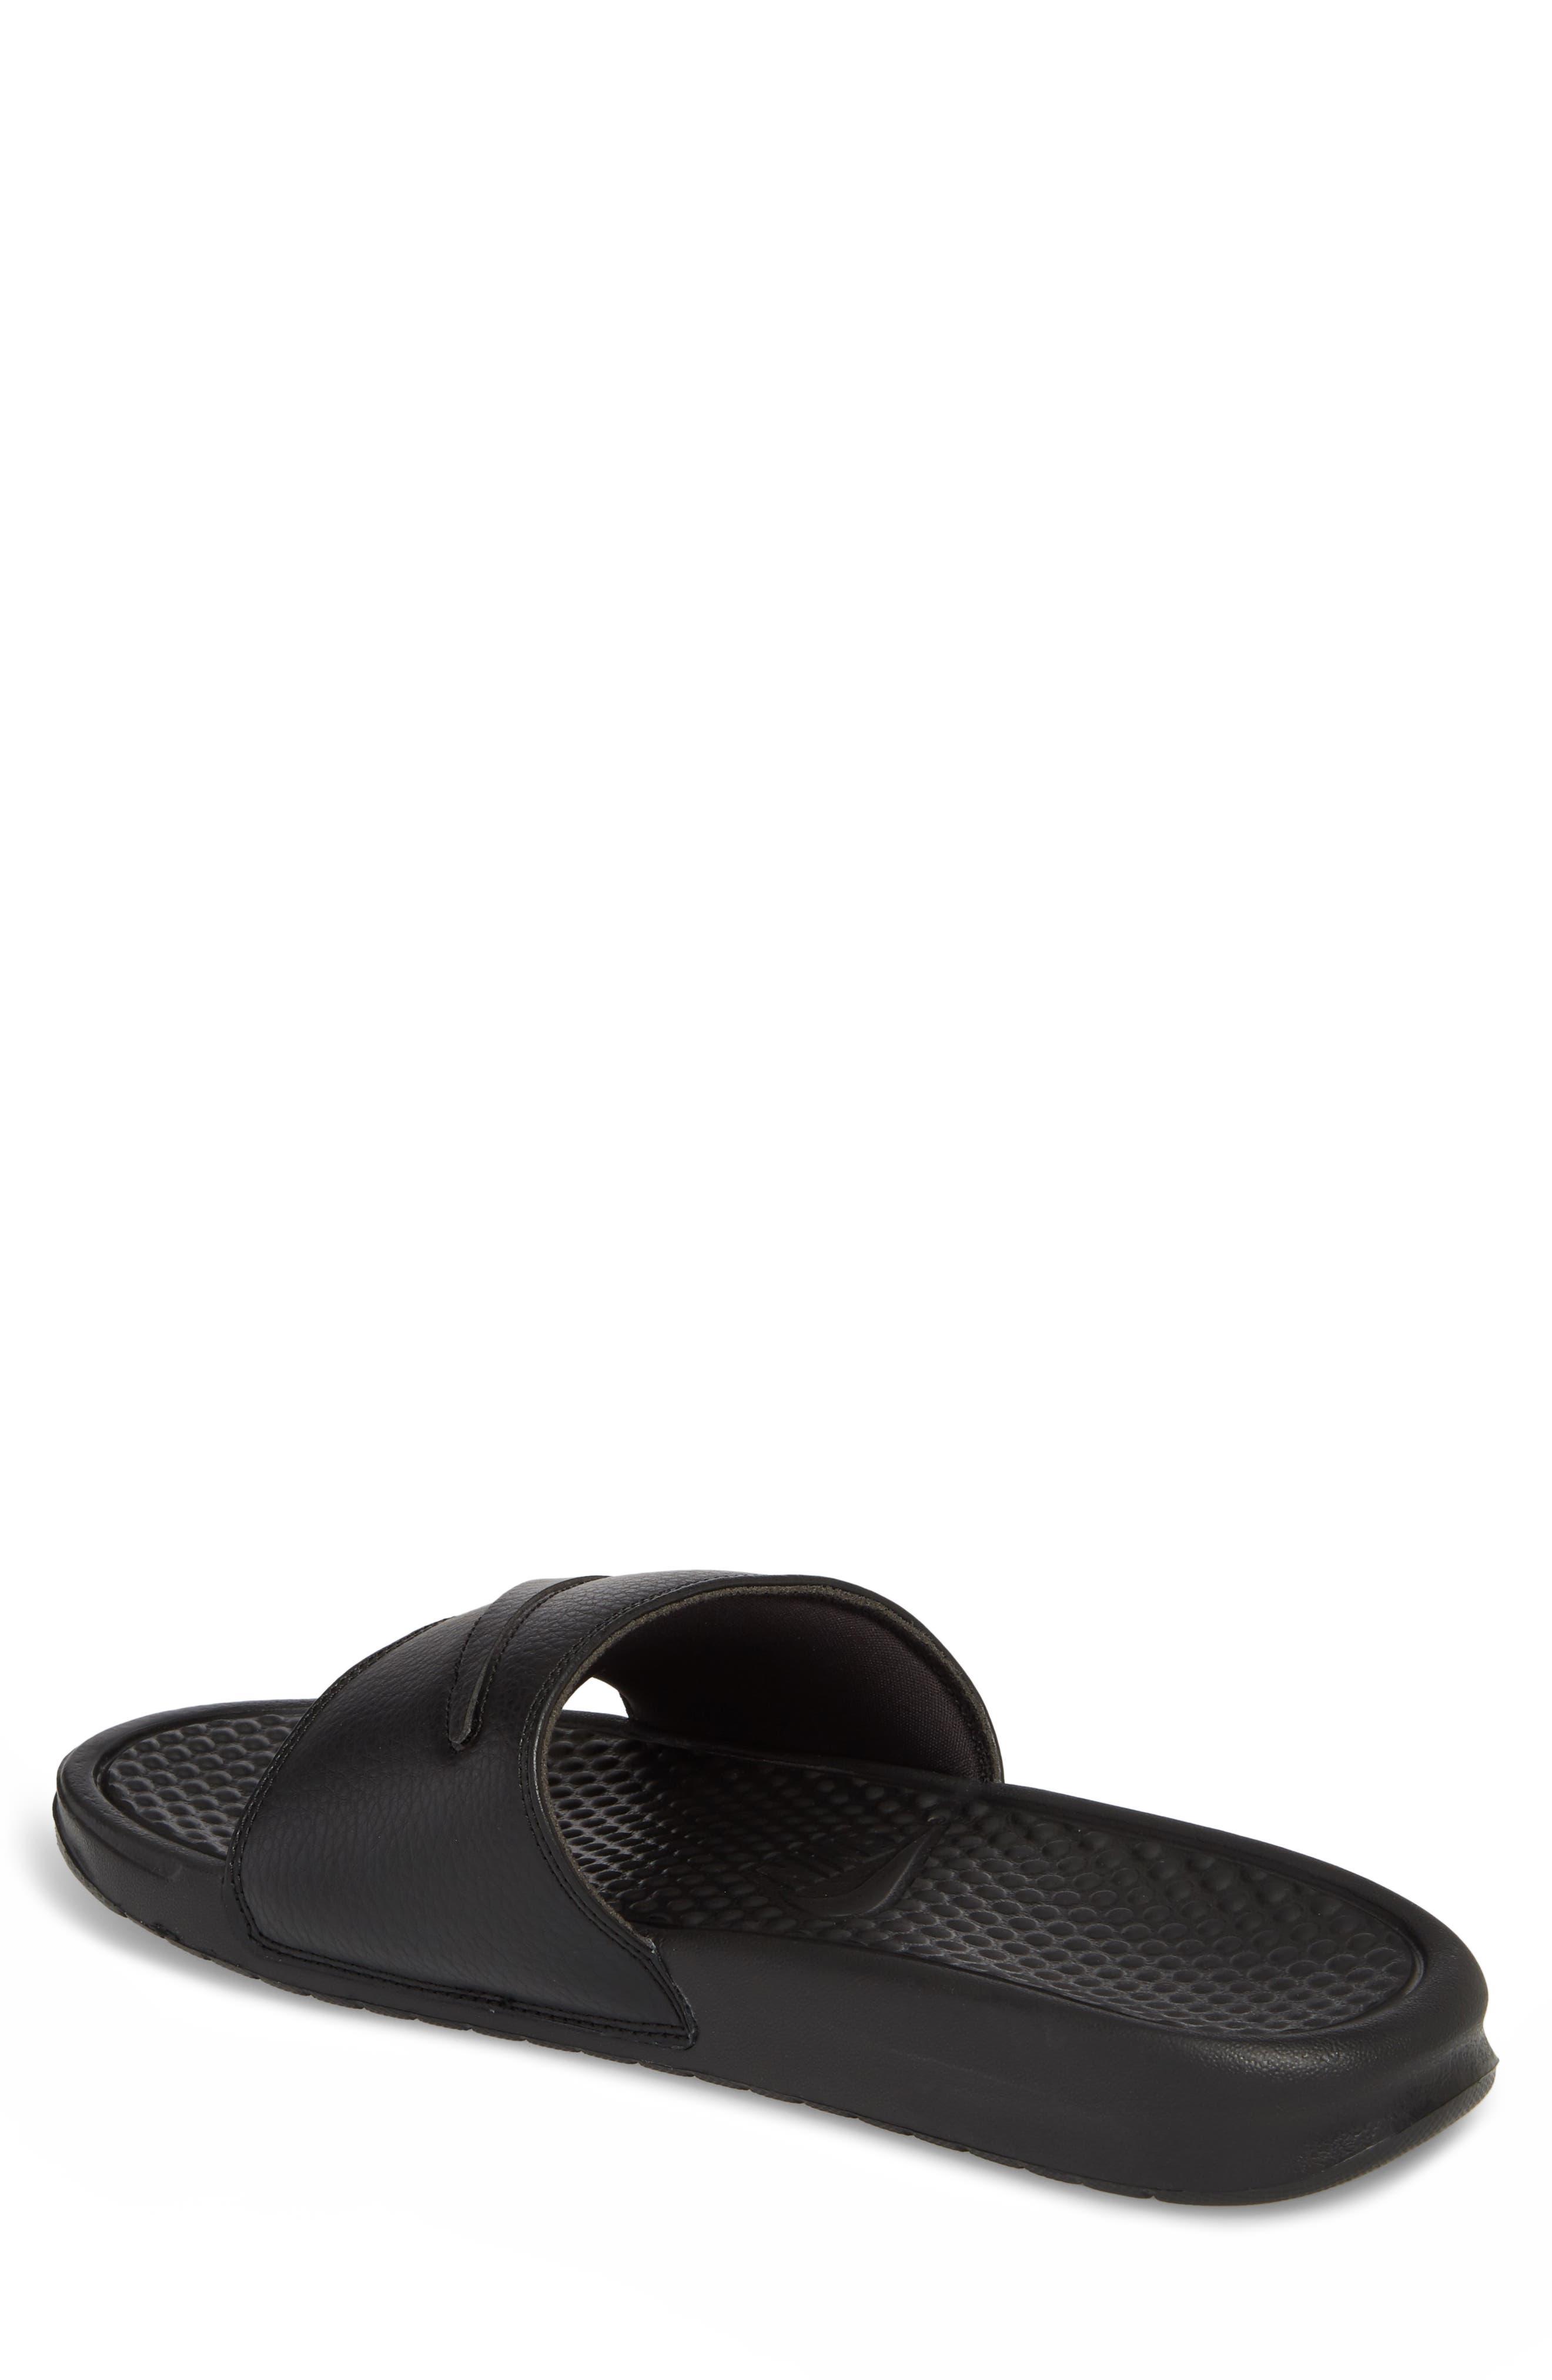 NIKE,                             Benassi JDI Customizable Slide Sandal,                             Alternate thumbnail 2, color,                             001